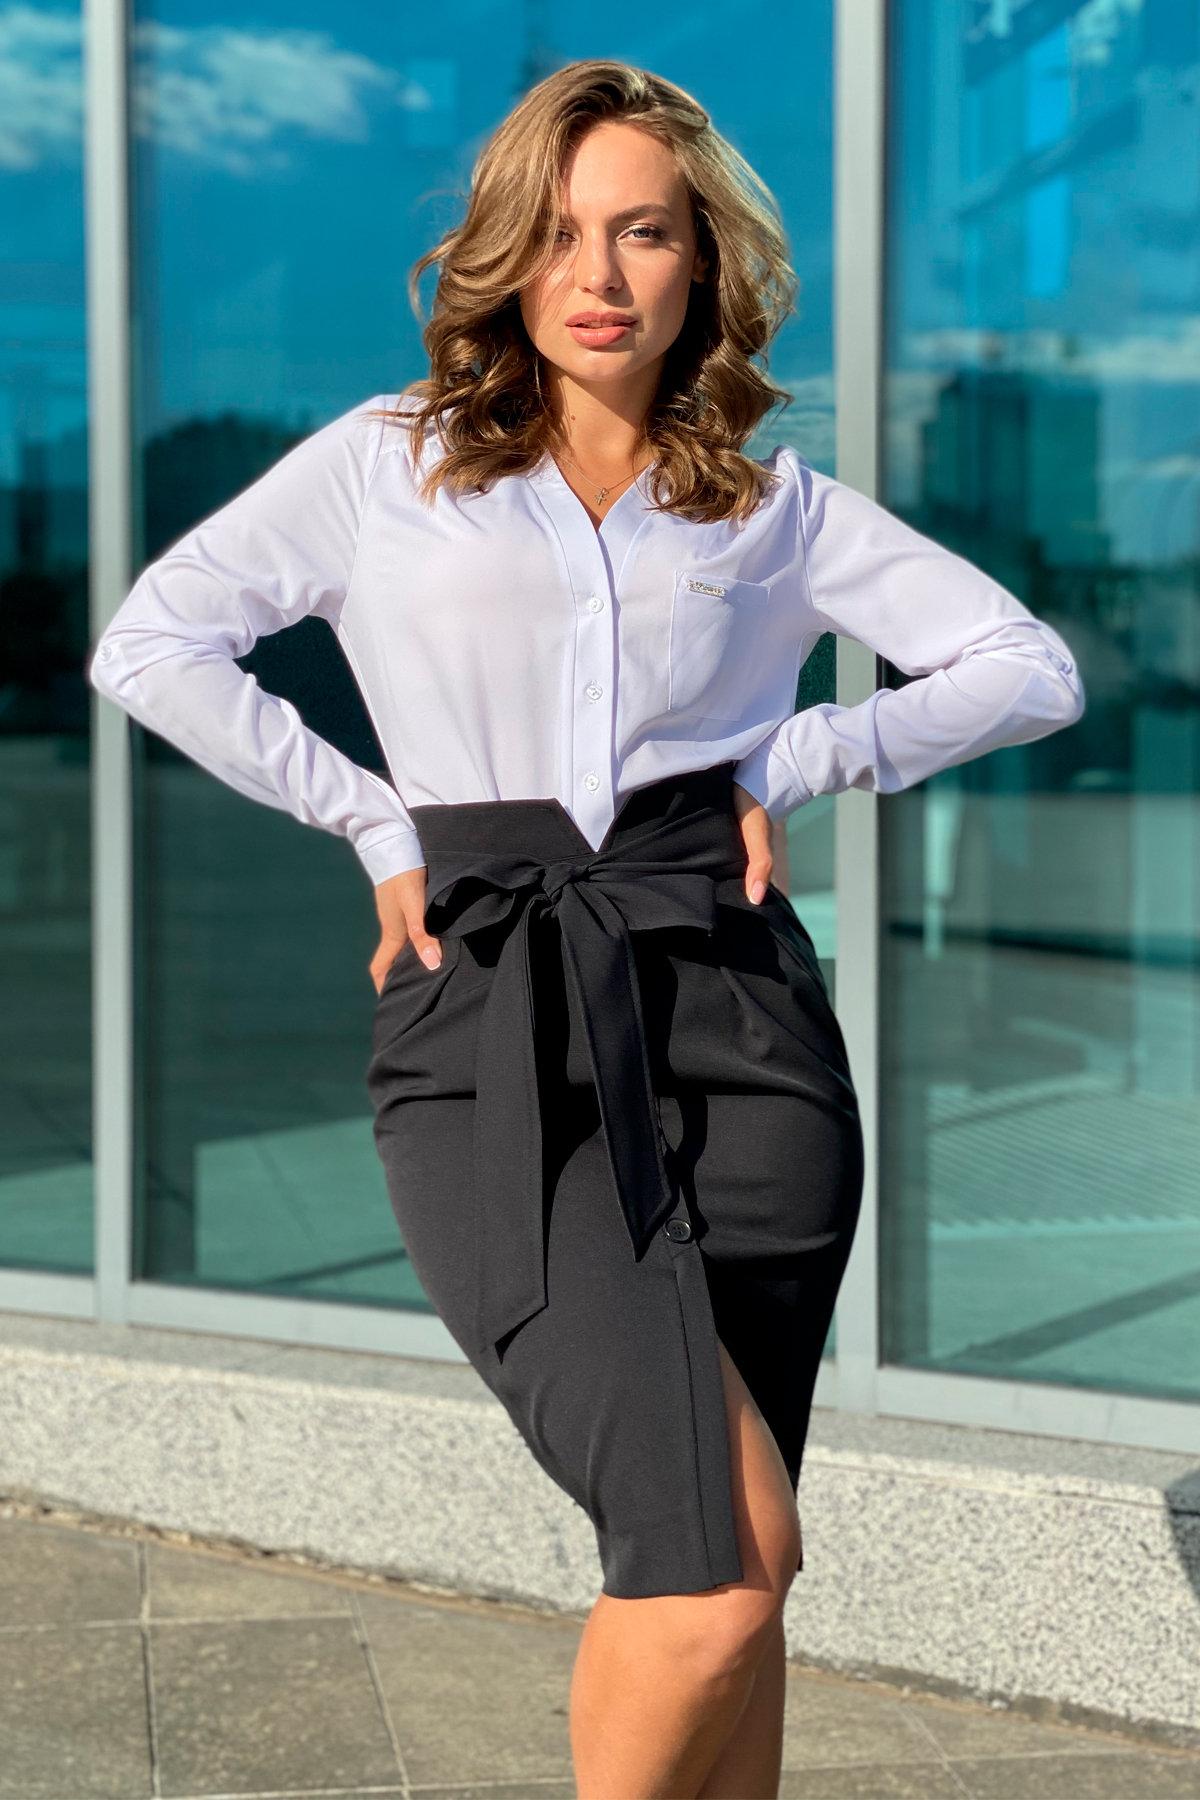 Купить женские блузки оптом в Украине Блузка Кумир 9647